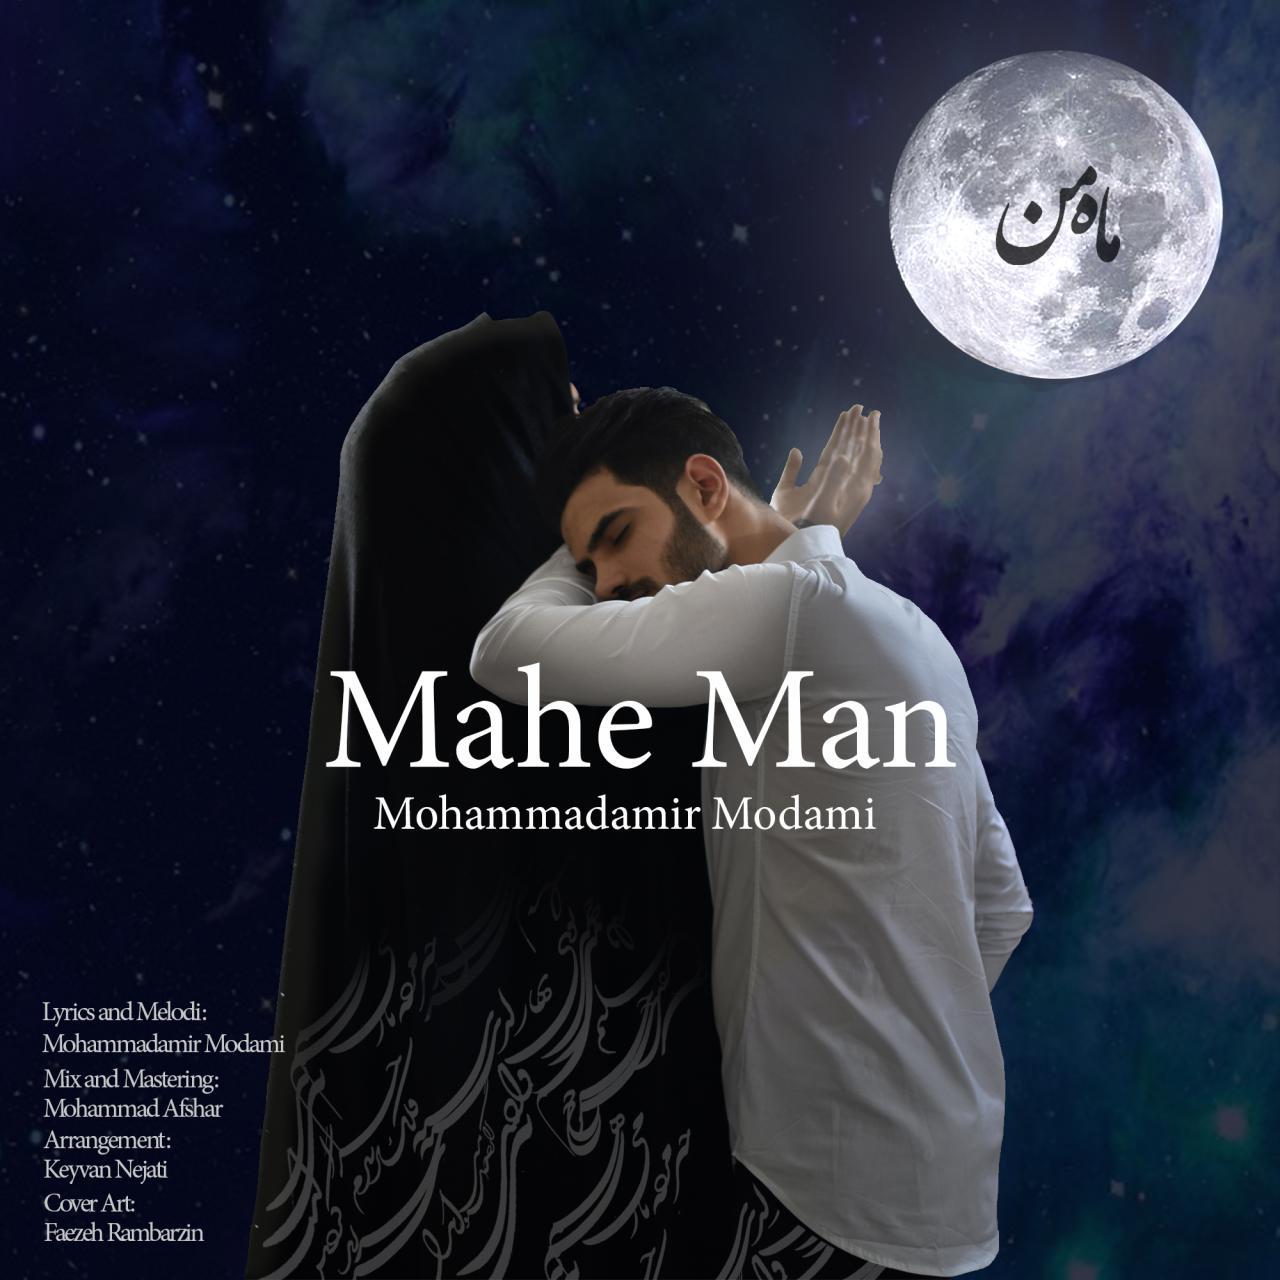 محمدامیر مدامی به نام ماه من